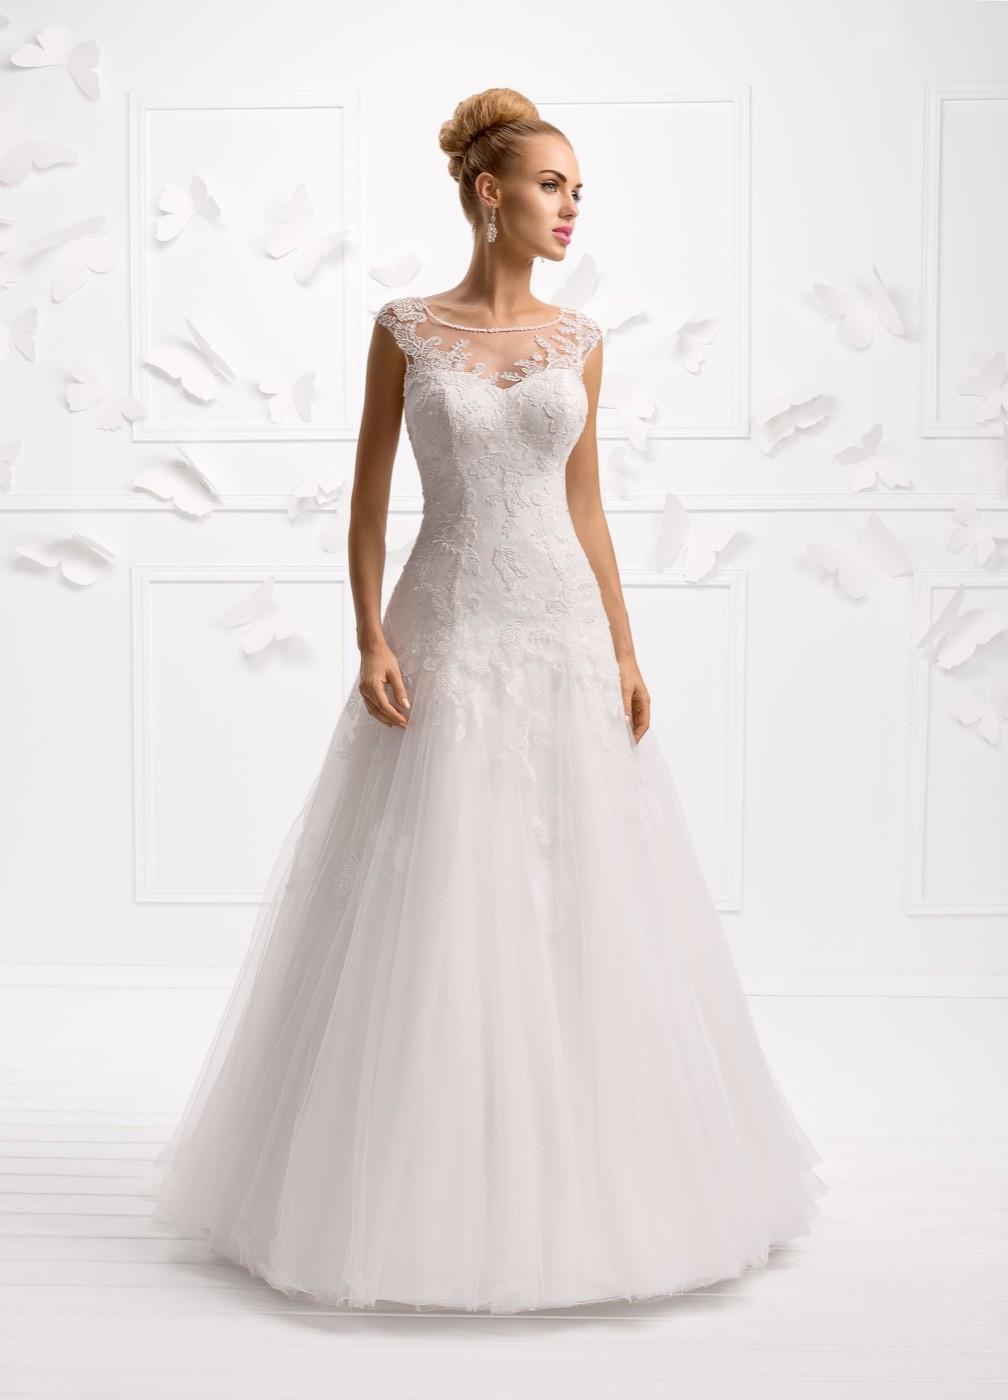 e81de629c9f5 Abiti Da Sposa Su Misura ~ Asmara vendita online abiti da sposa su  misurasposatelier